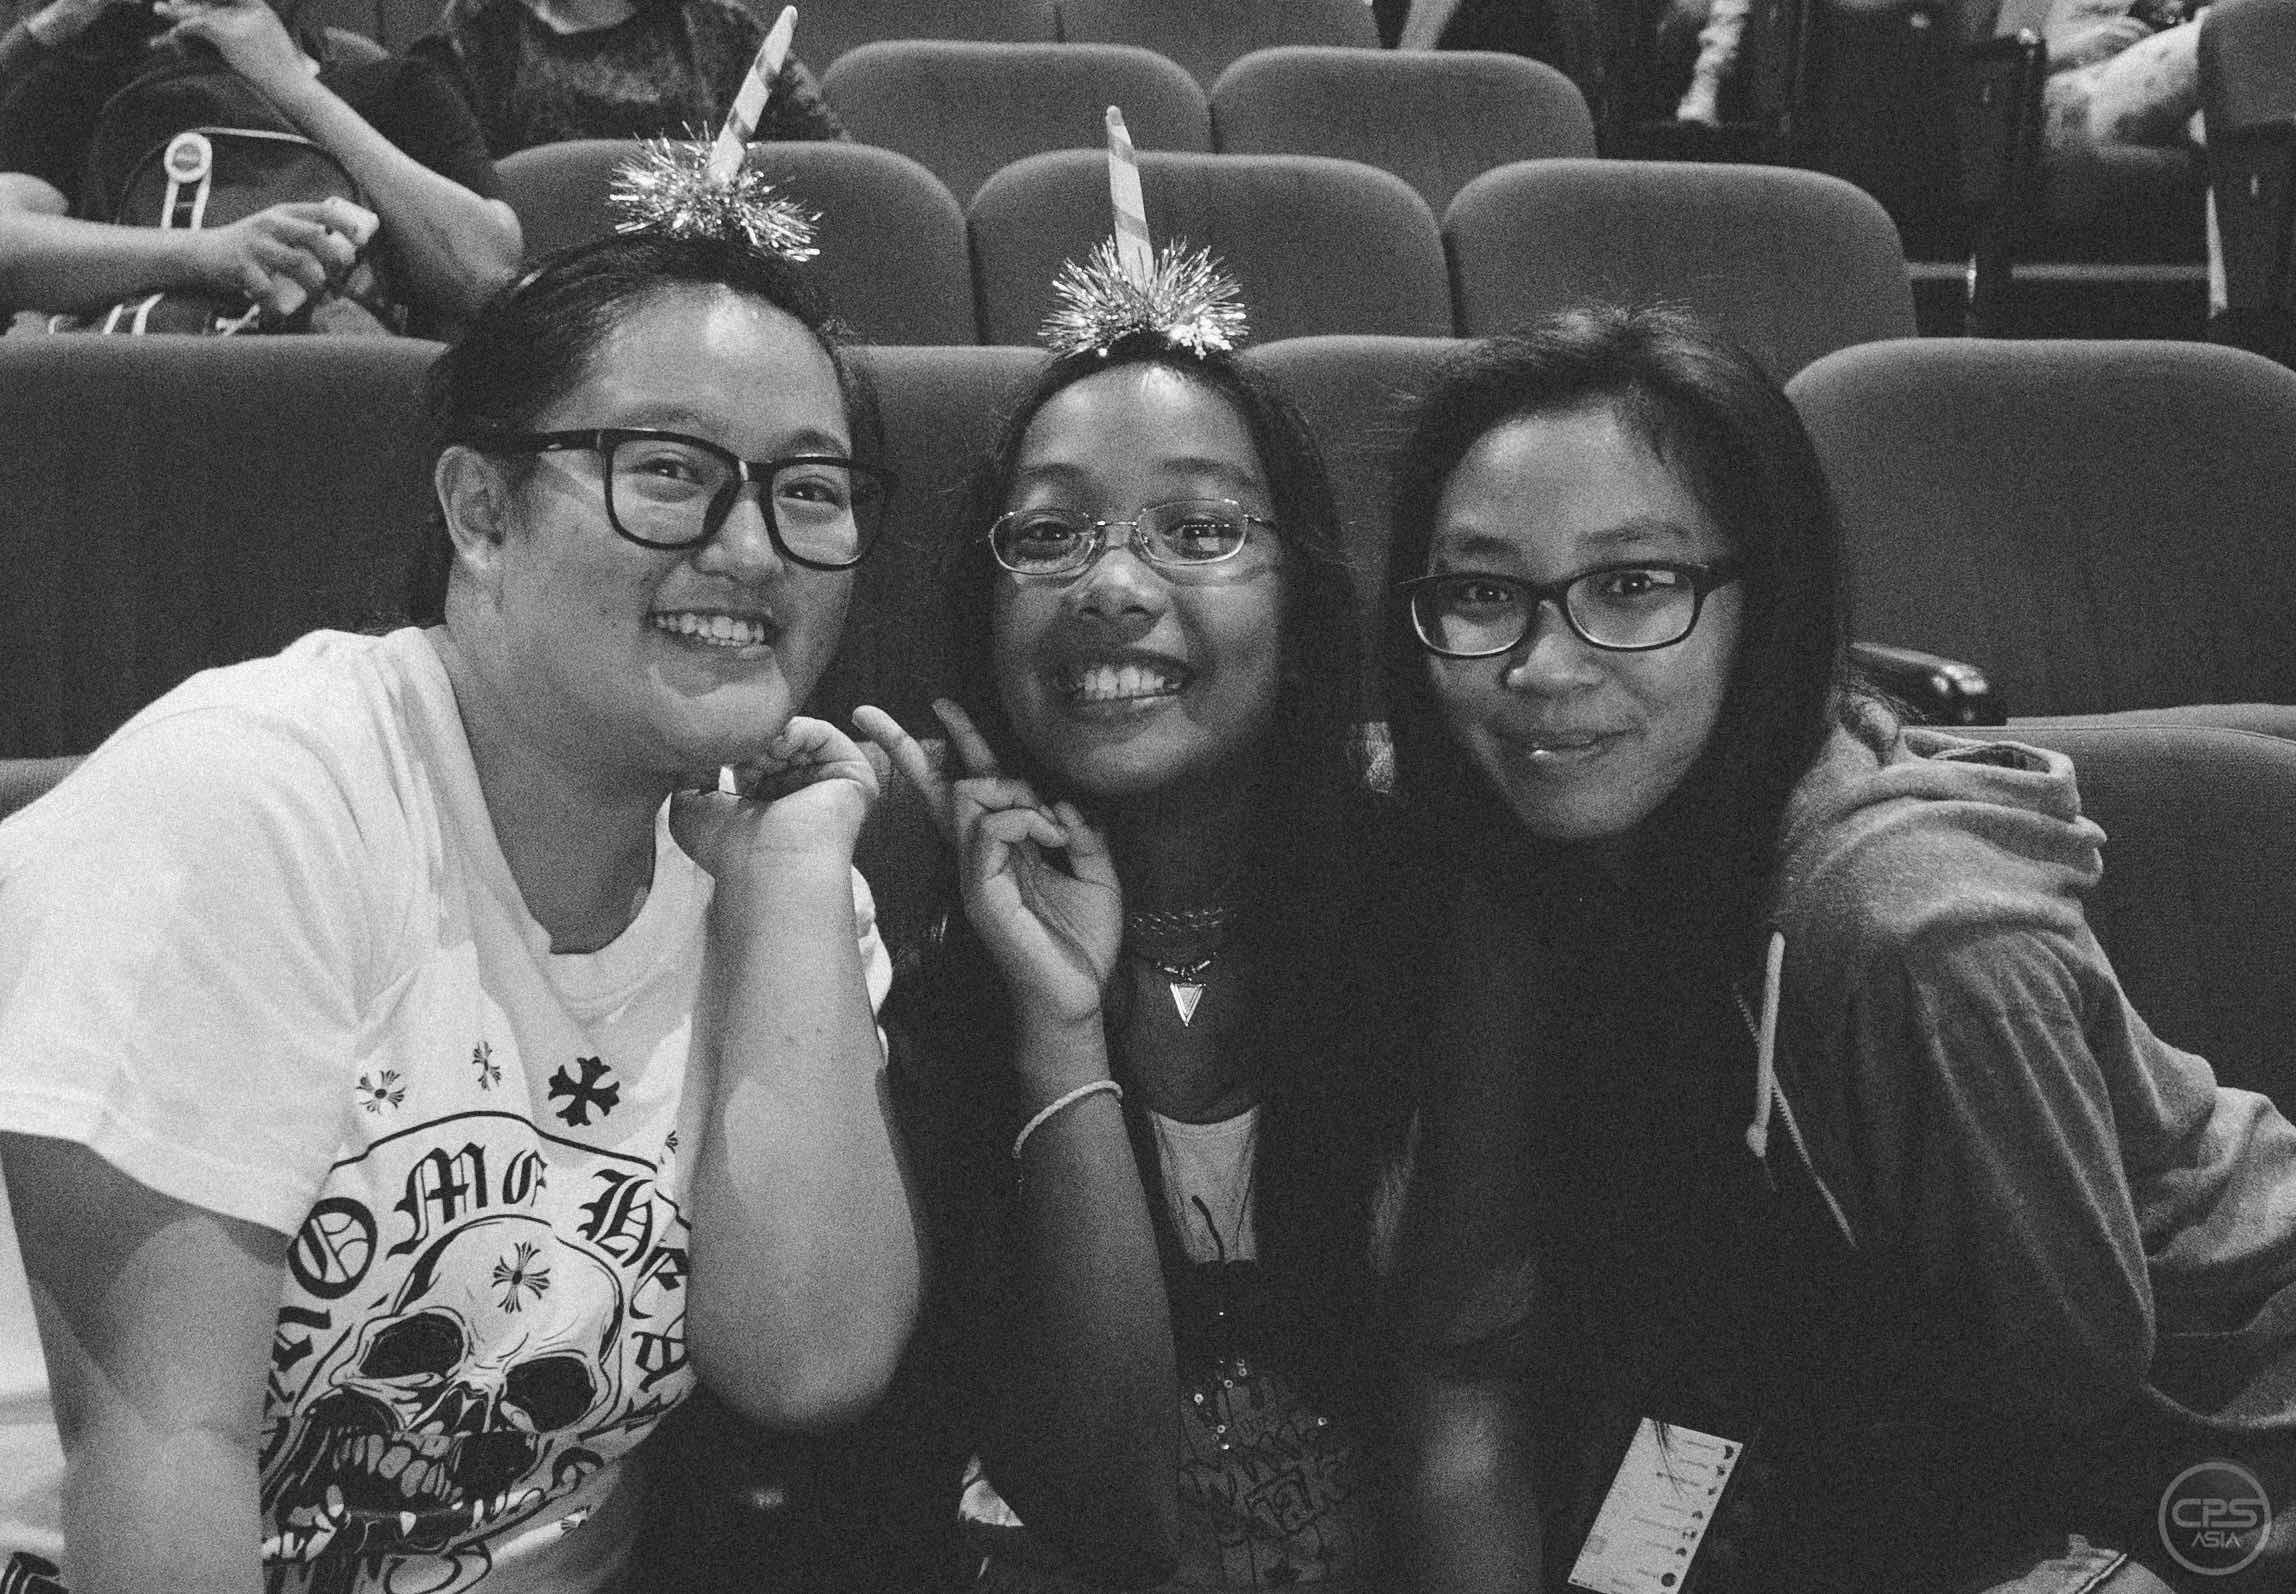 Superwoman SG May 2015 2015 Singapore (B&W)-23.jpeg